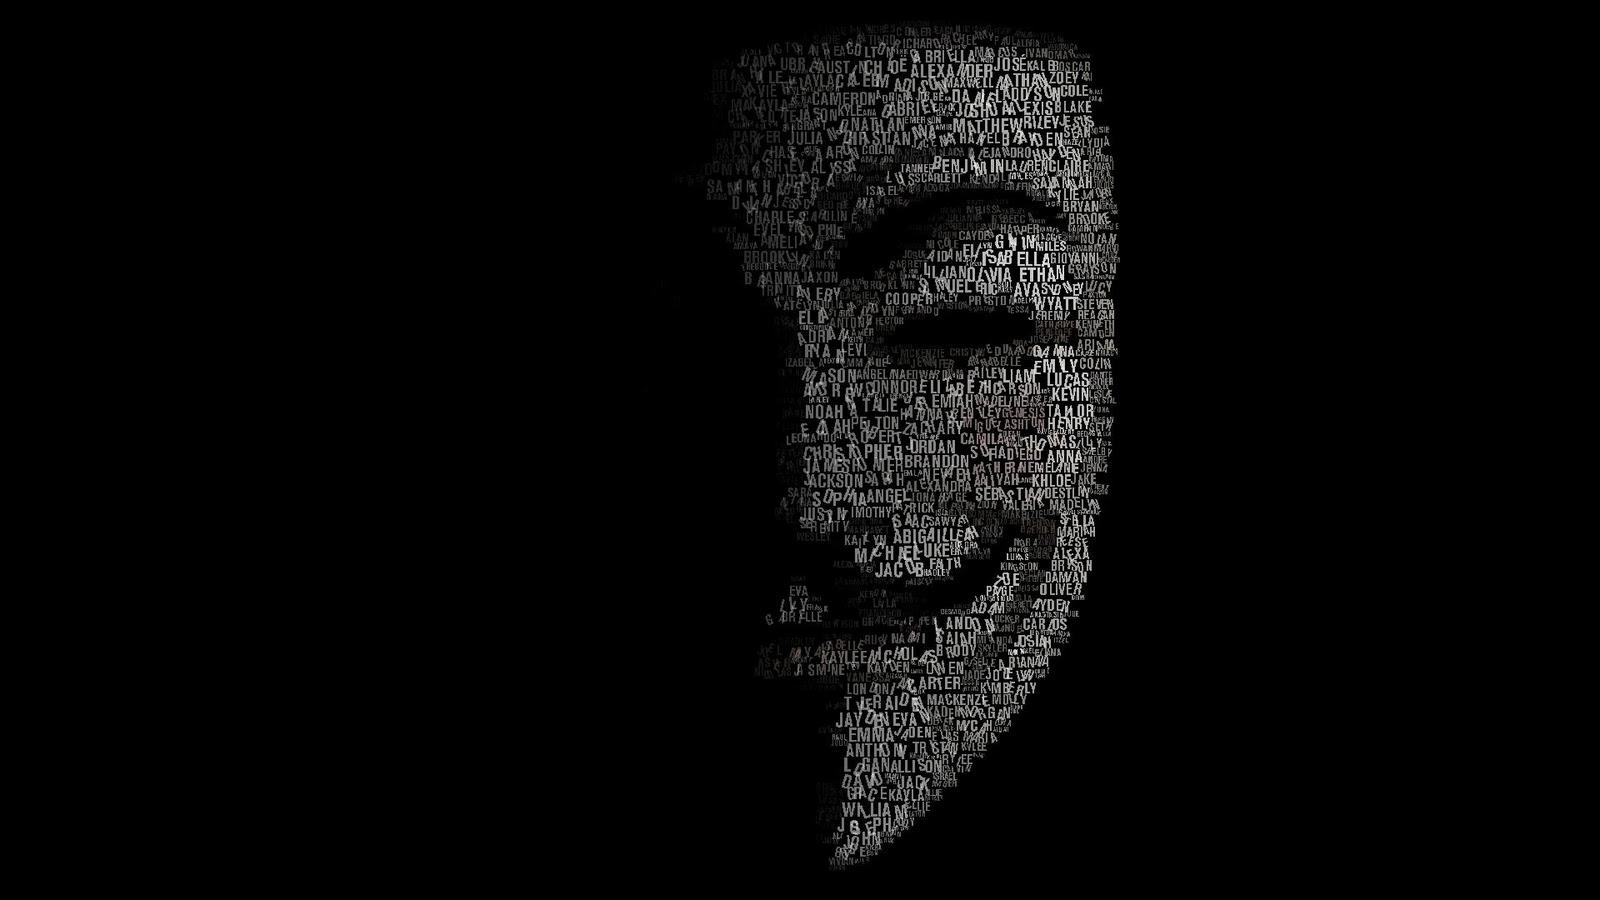 hackersanon